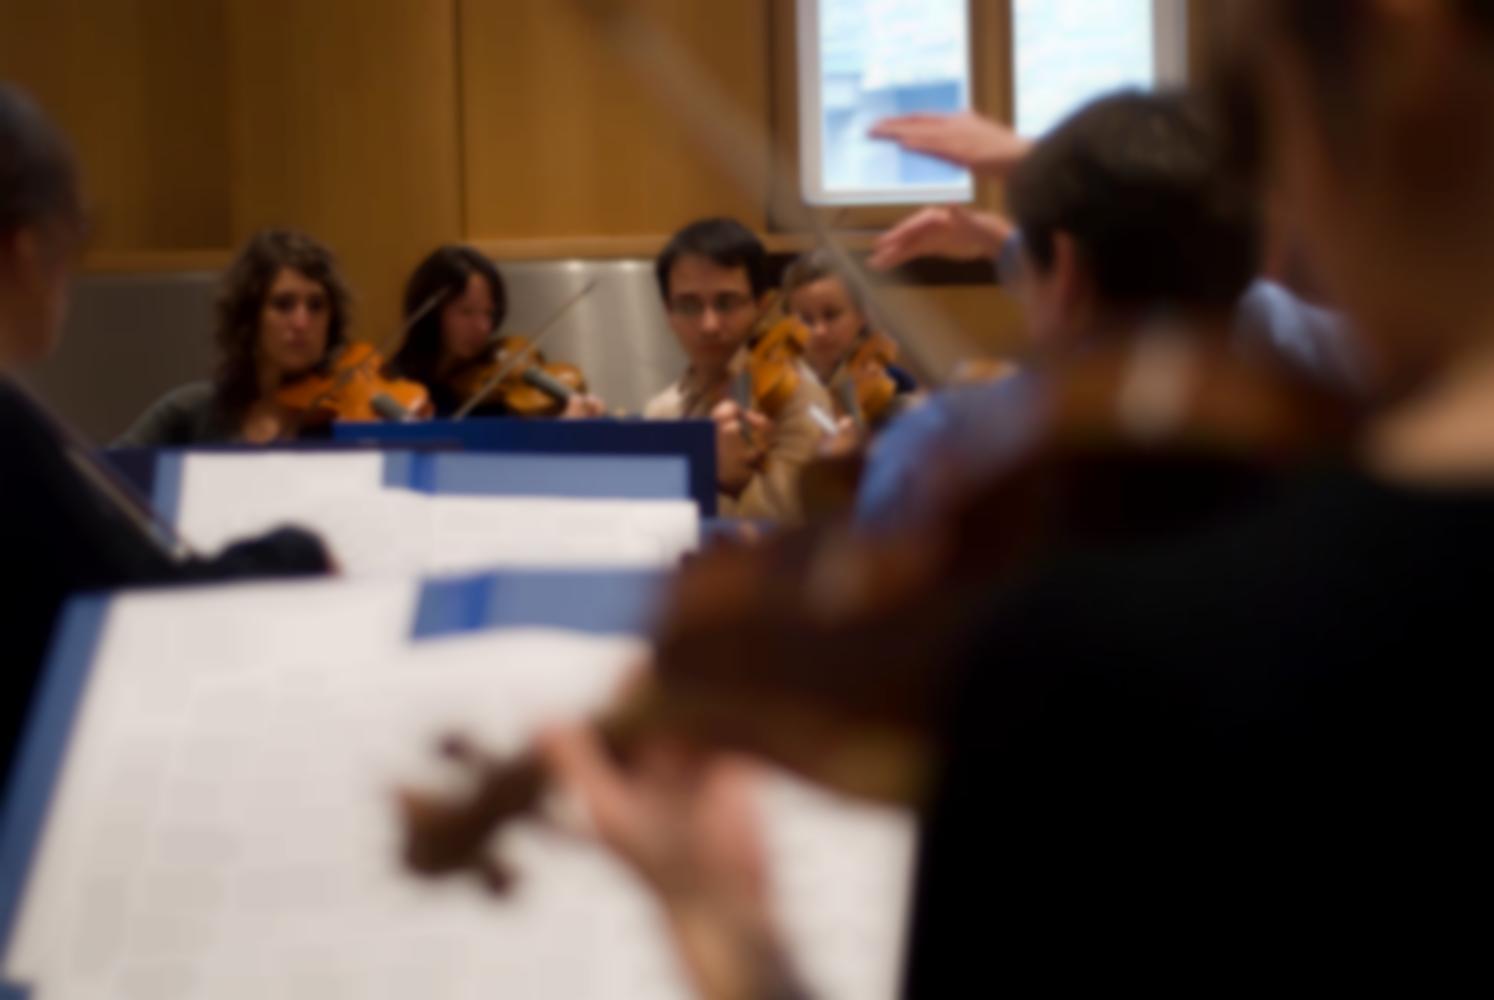 Les mains du chef d'orchestre apparaissent parmi les premiers violons, de dos au premier plan, et les seconds violons de face. Echternach, Luxembourg, octobre 2009.